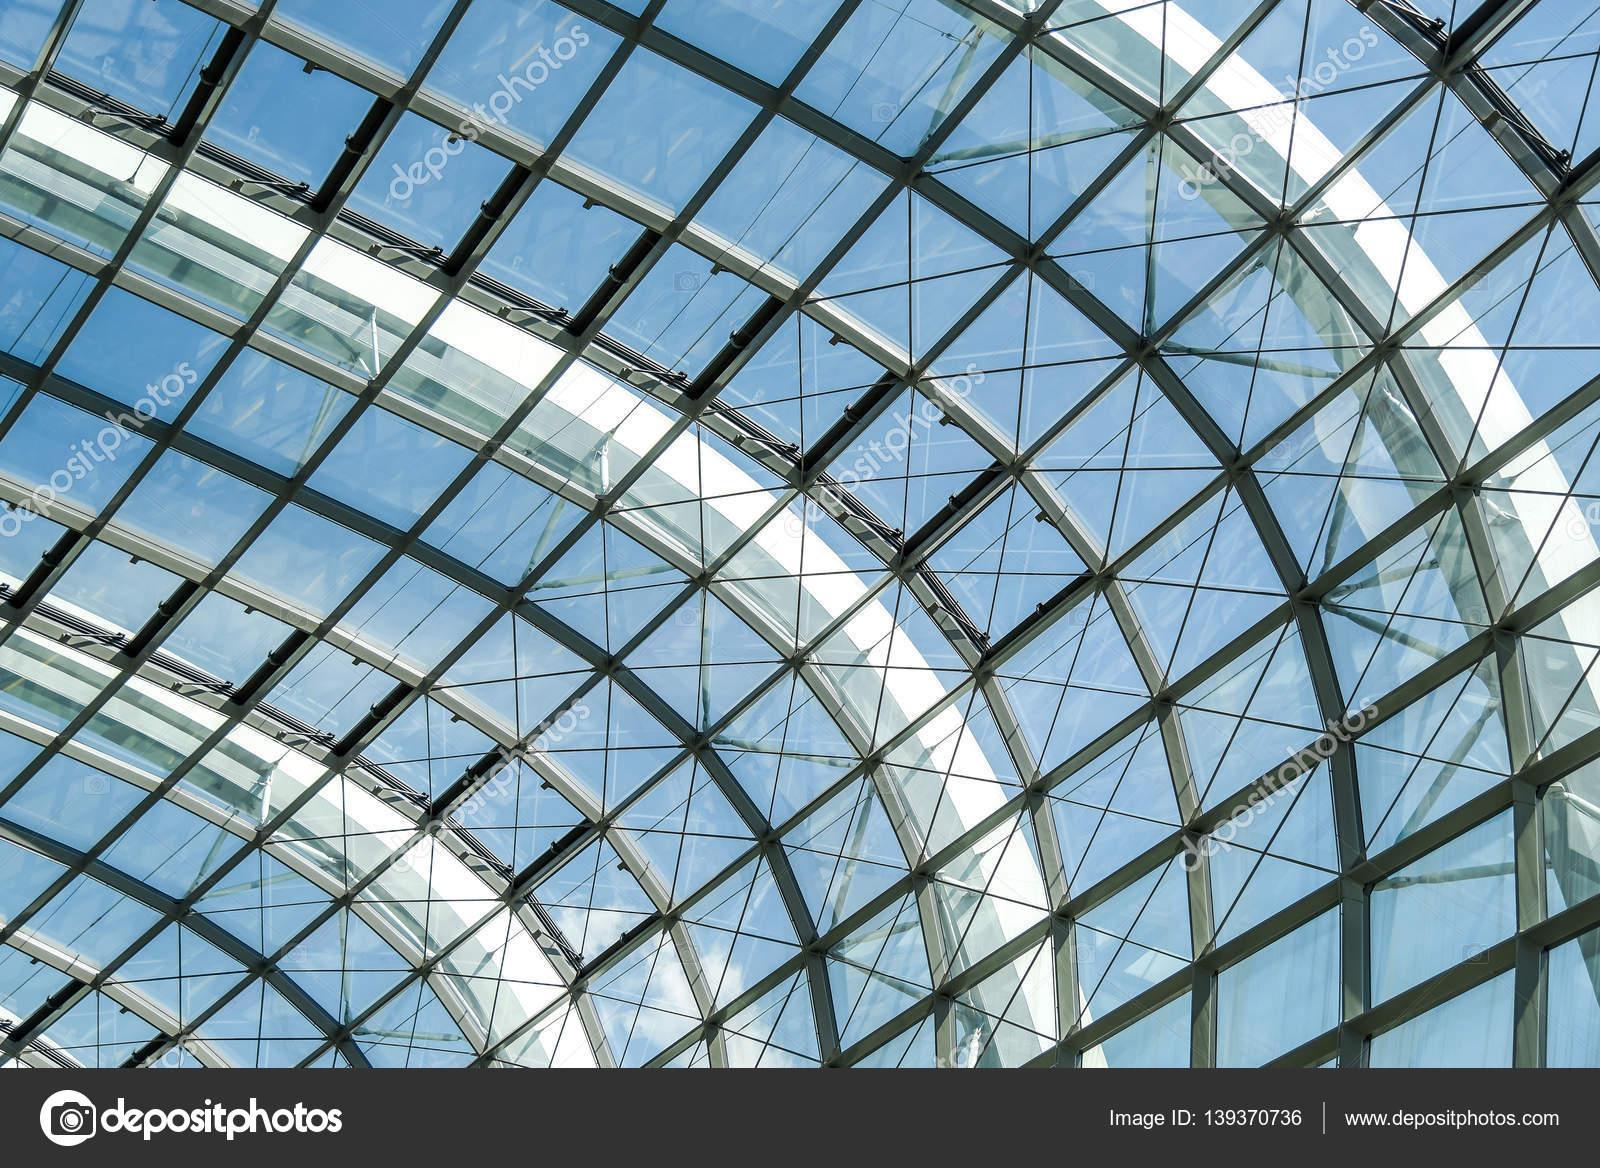 Fachada de cristal estructura acero Resumen — Foto de stock ...